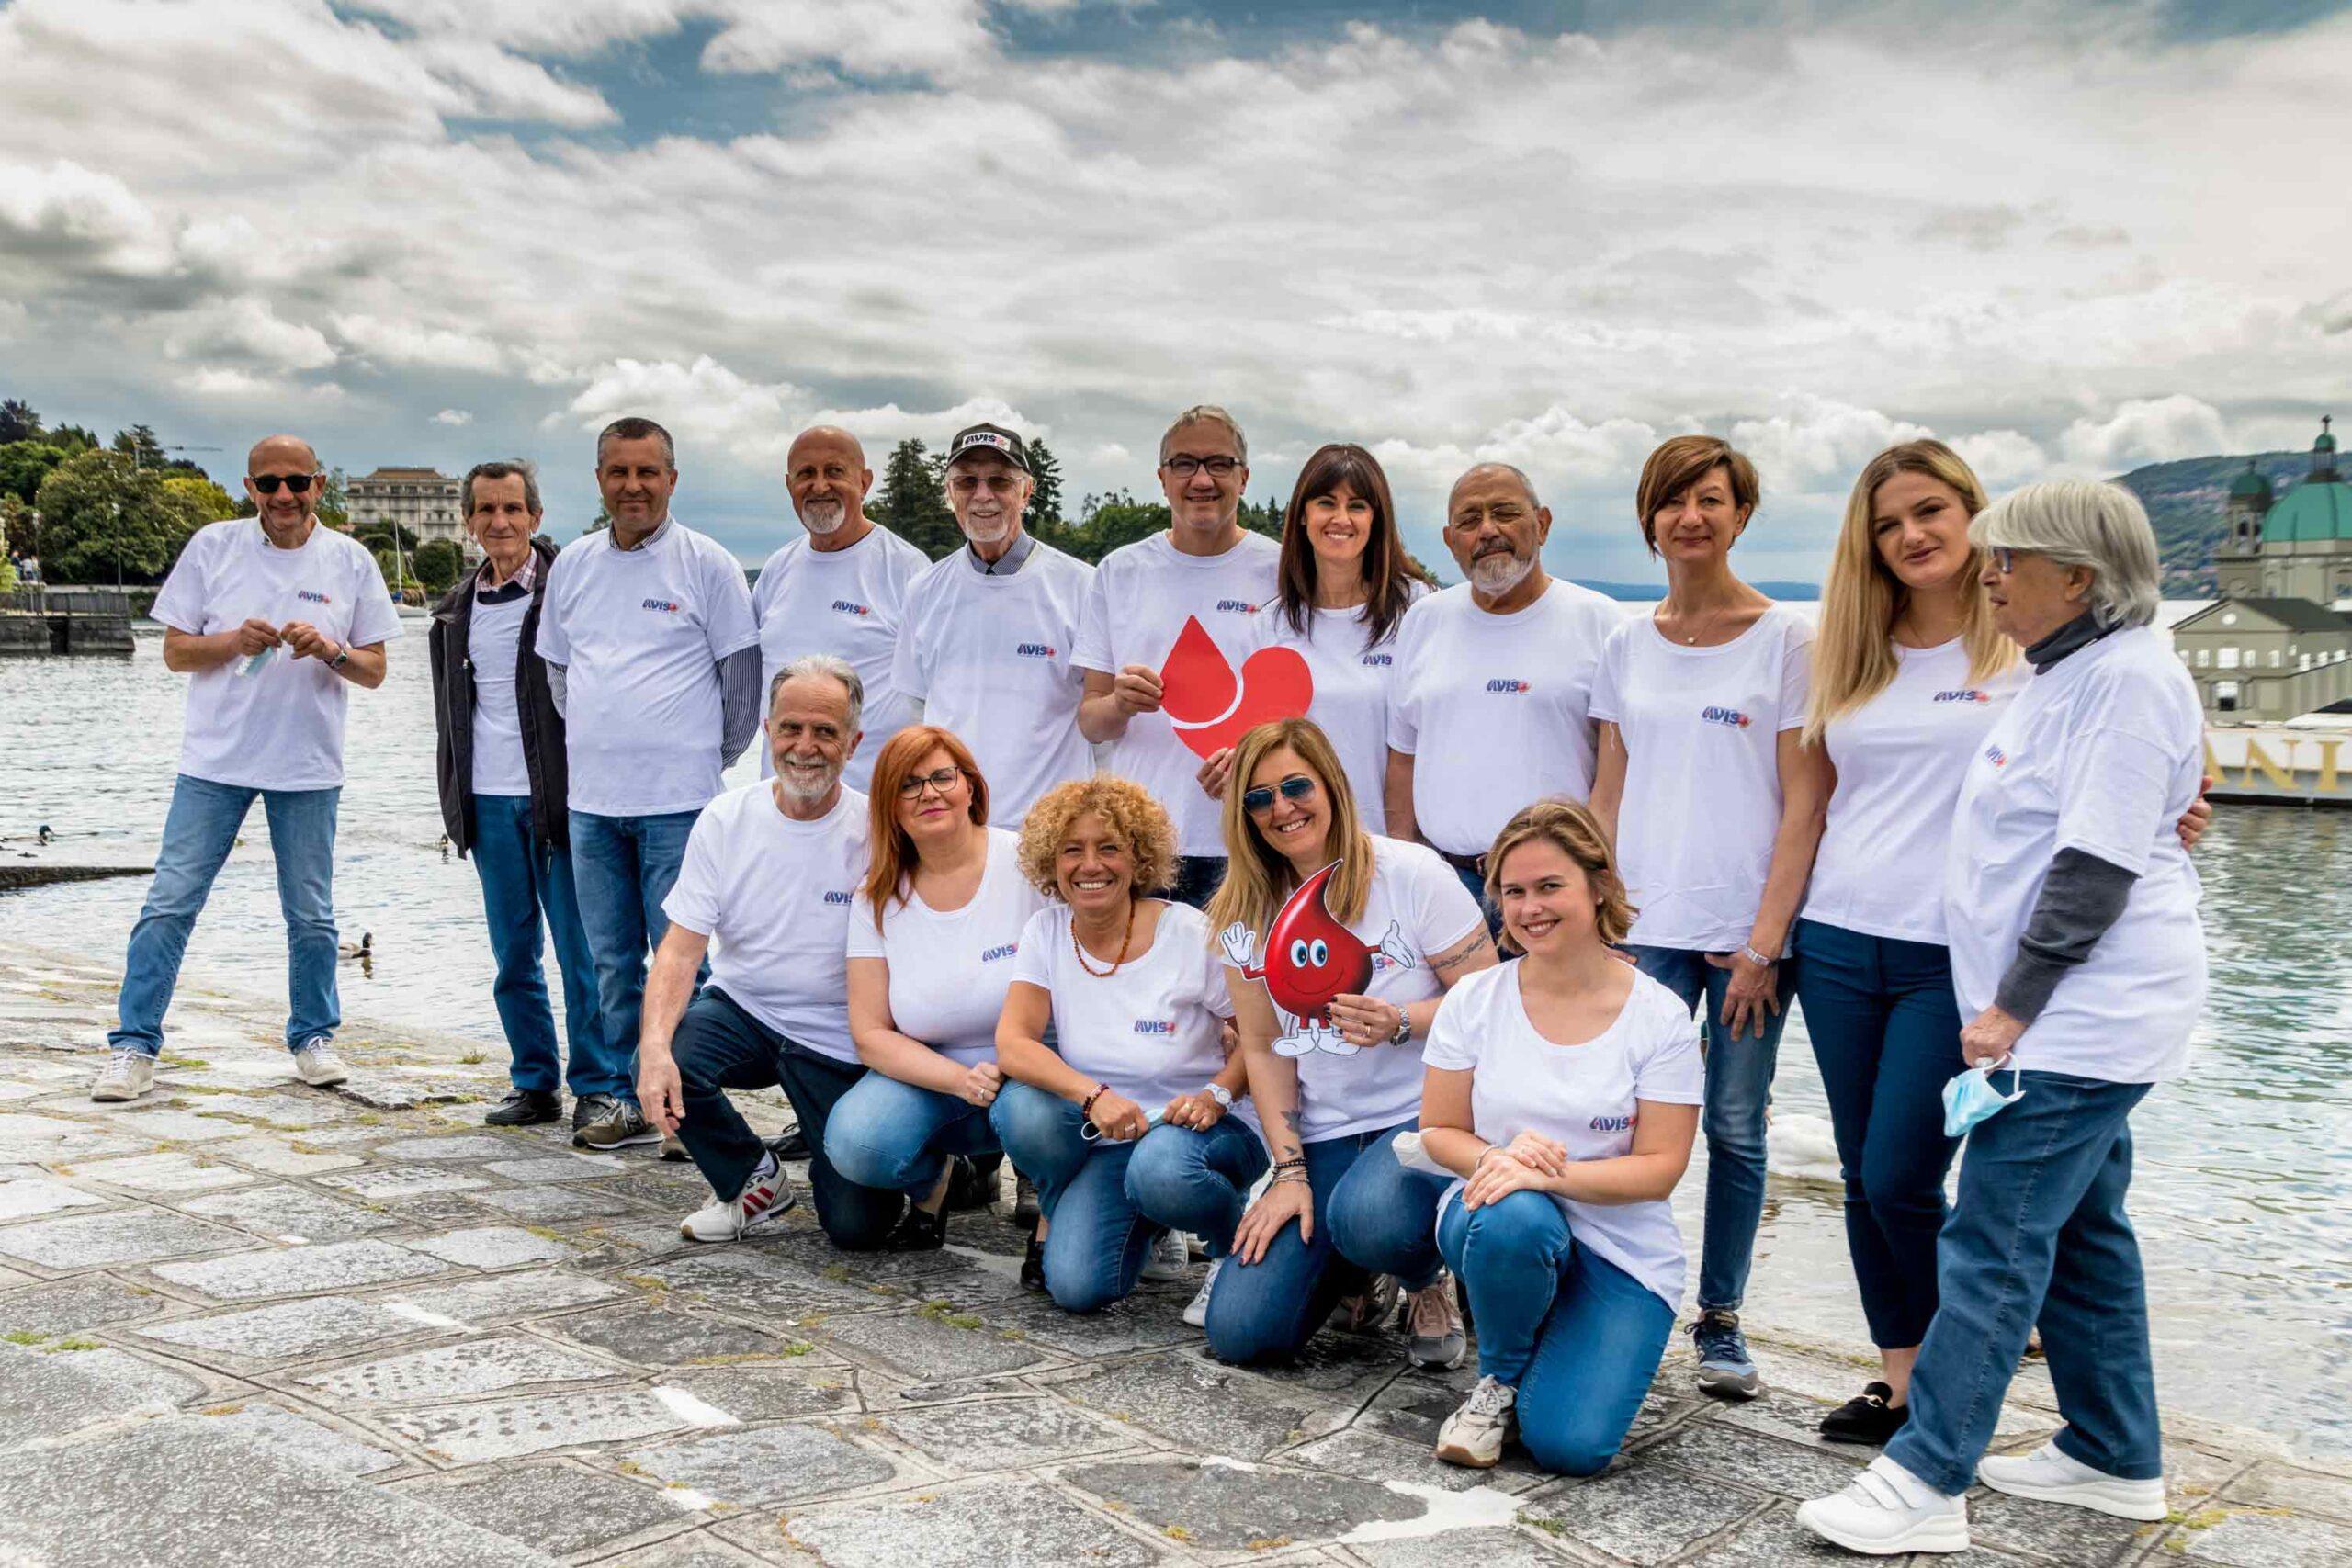 MADI-comunicaziono_AVIS-Comunale-Verbania-Consiglio-direttivo-2021-2024